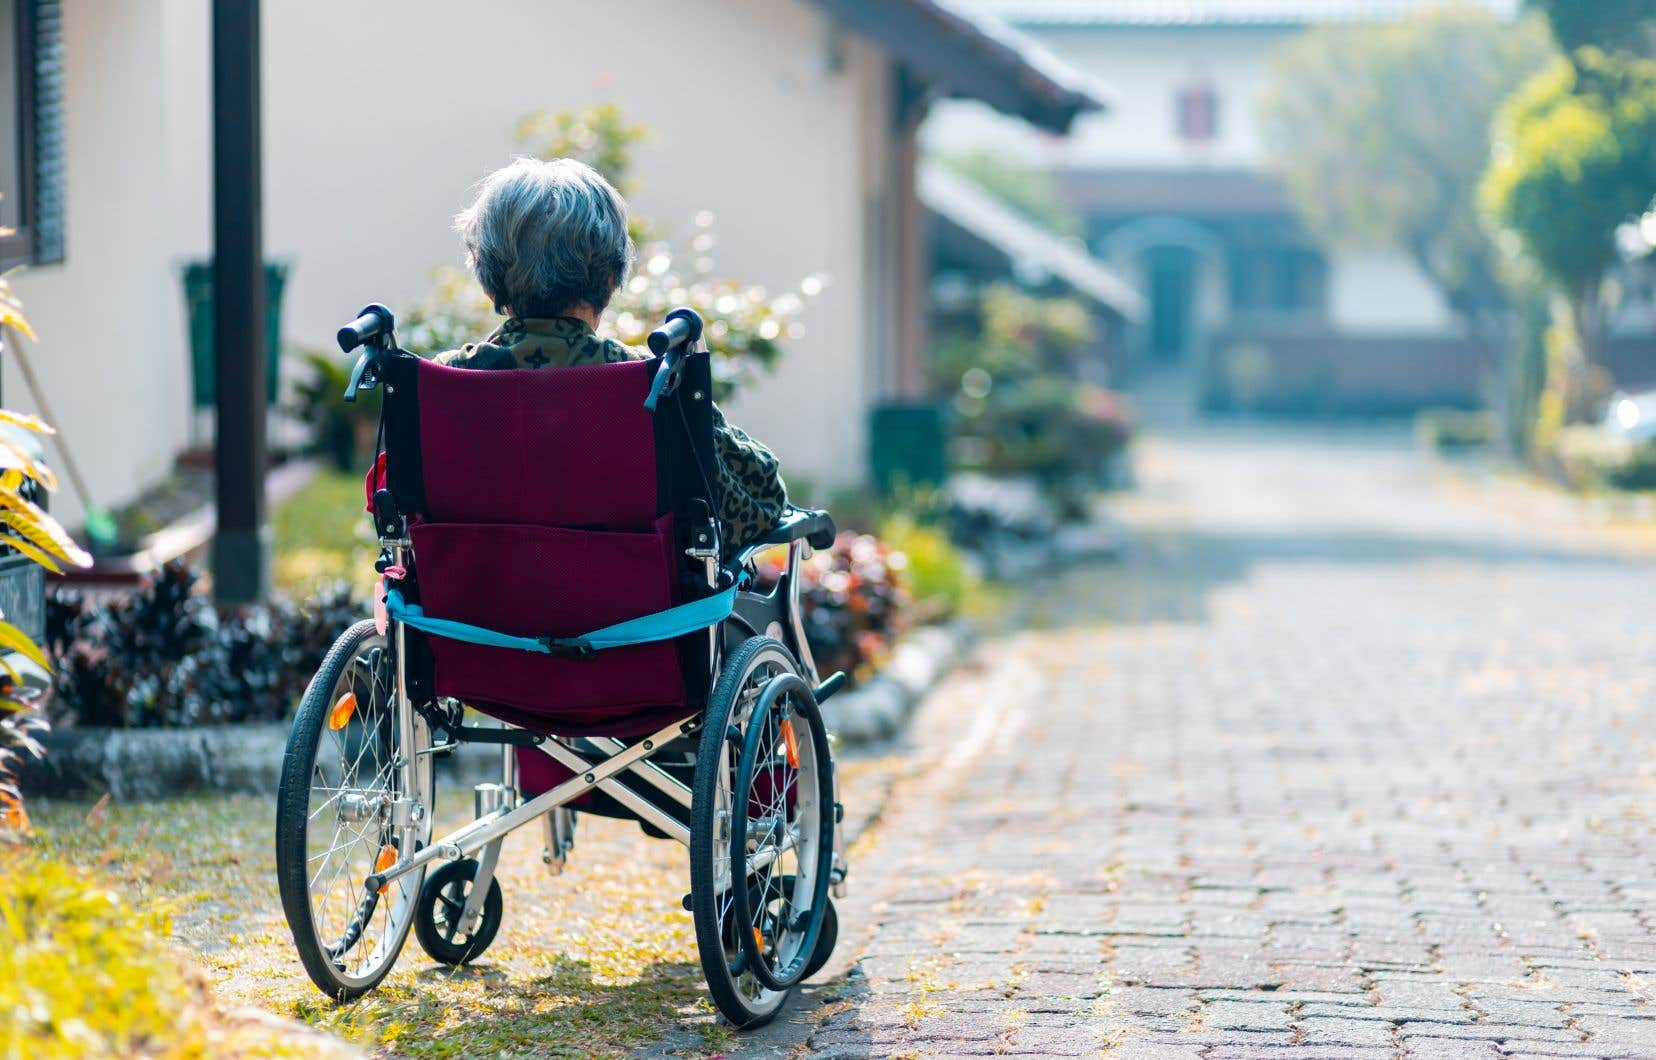 Chez les personnes plus âgées, les déclencheurs de l'anxiété sont parfois moins concrets et plus profonds. On peut notamment penser à la peur de l'abandon ou à la peur de l'isolement.